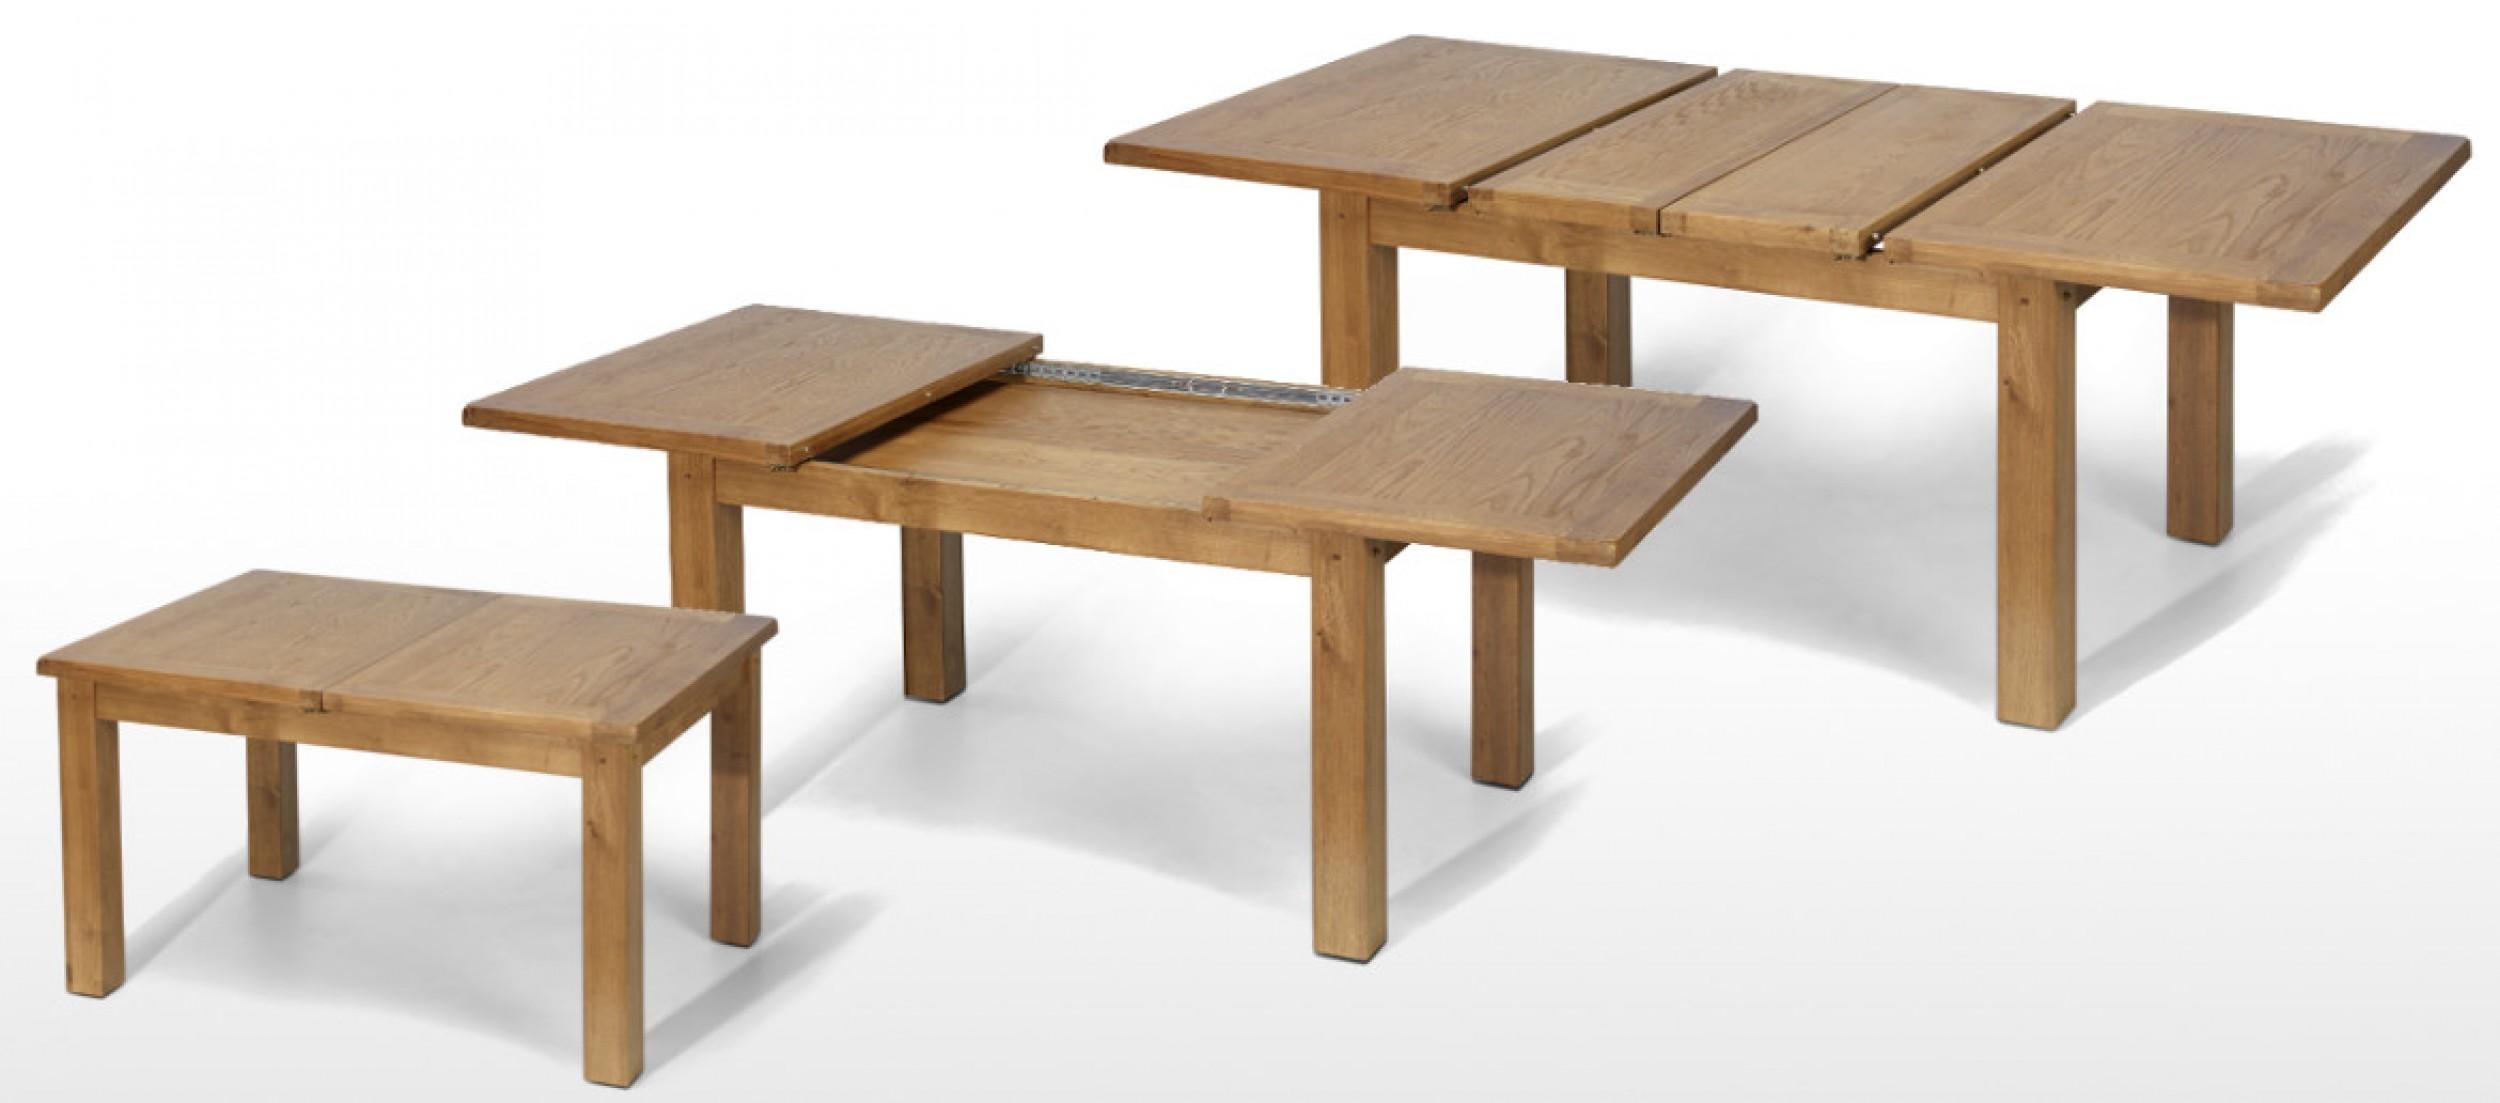 oak extendable table ideas